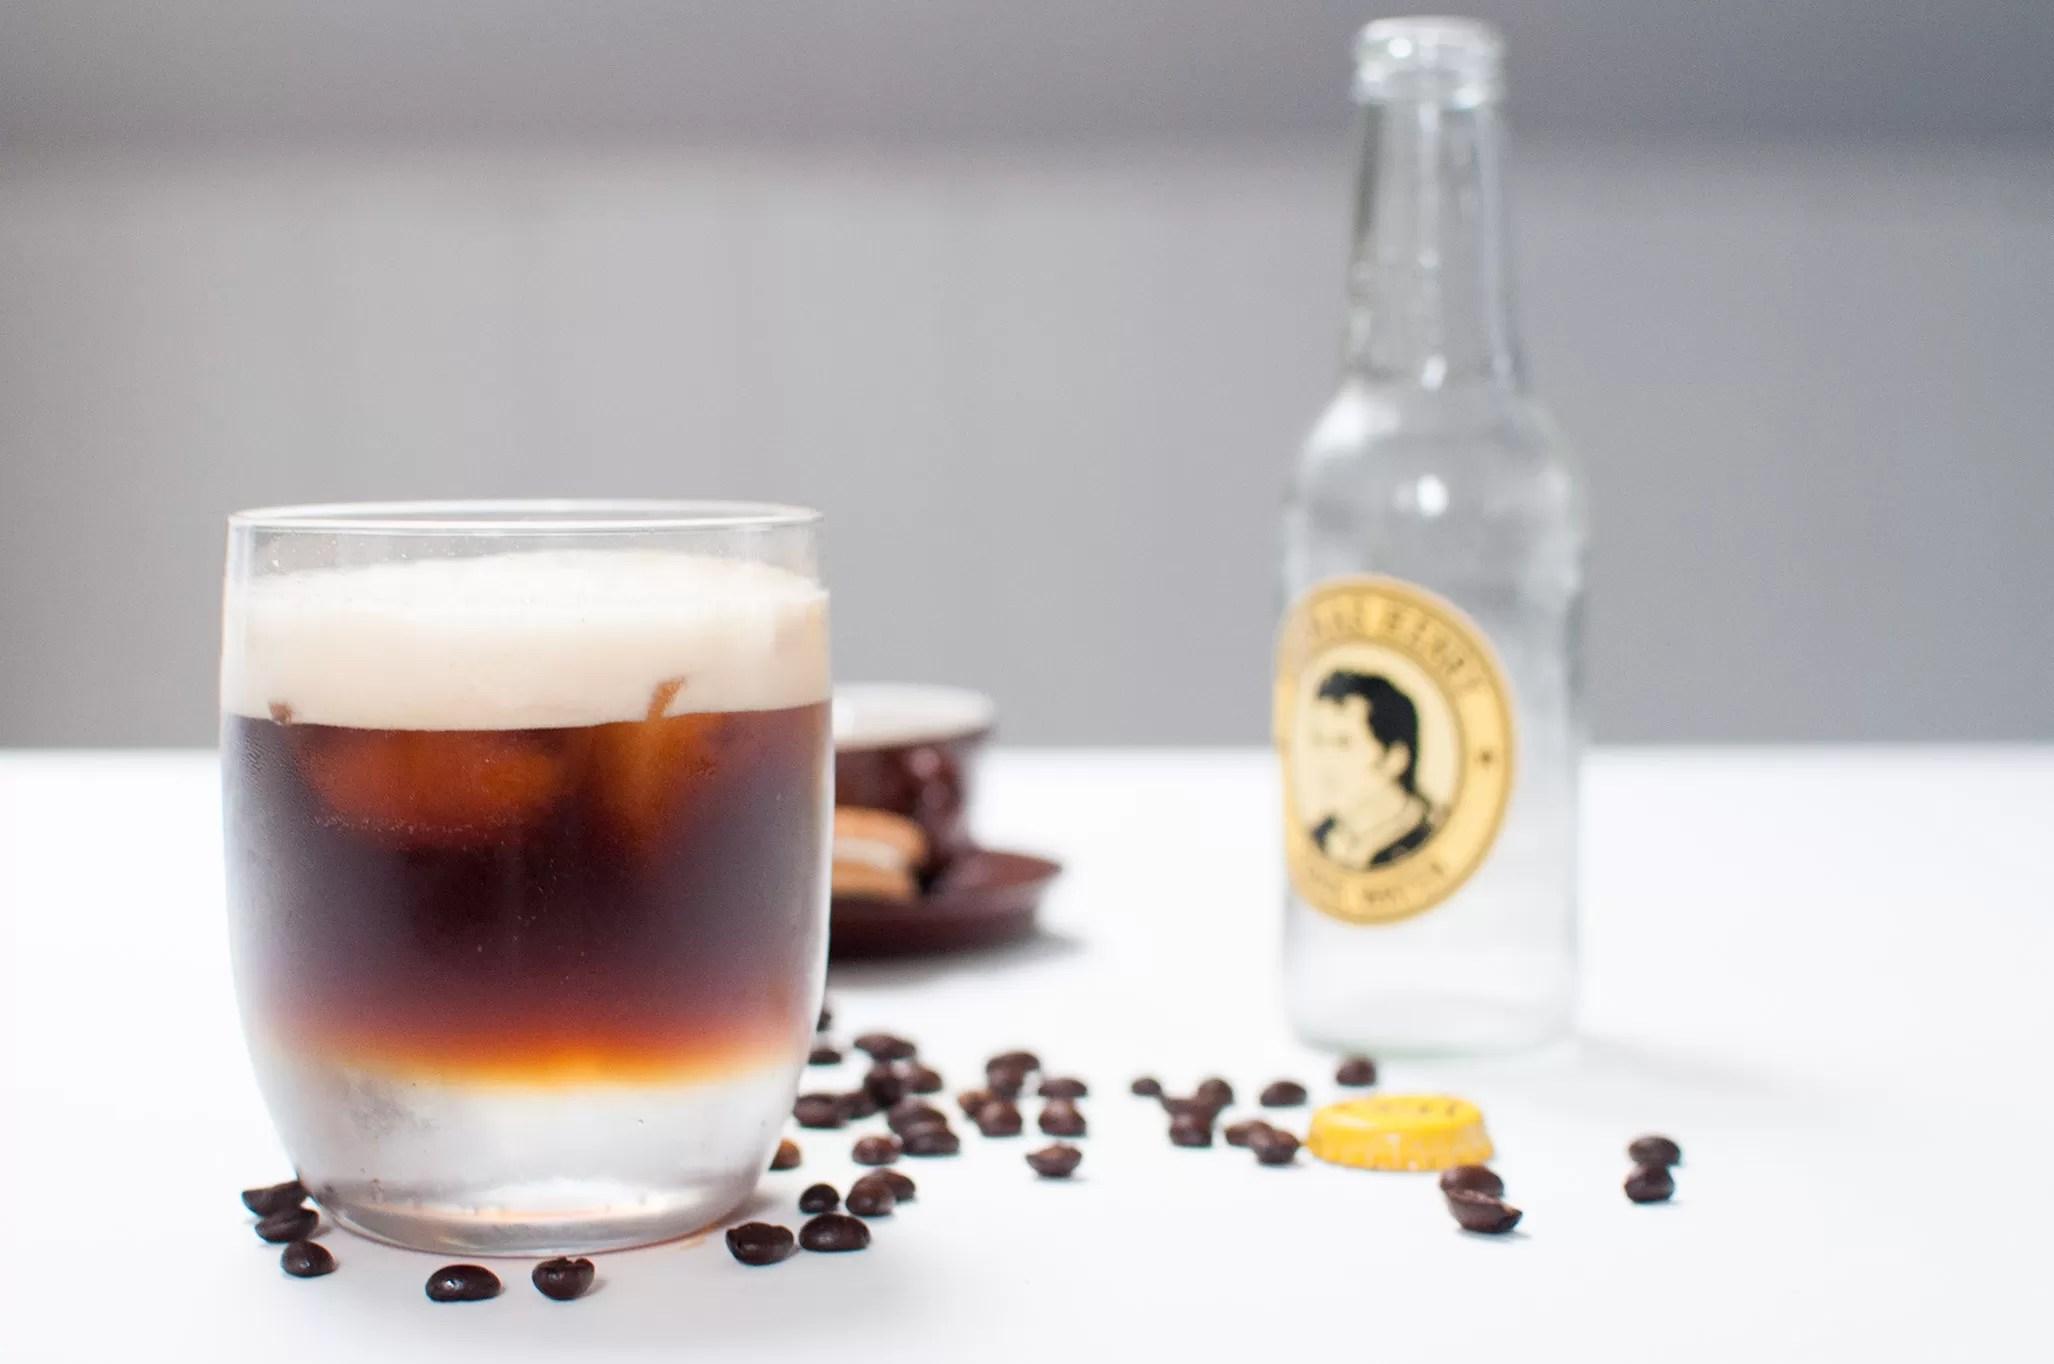 espresso tonic - cocktail analcolico a base di caffè e acqua tonica - ricetta